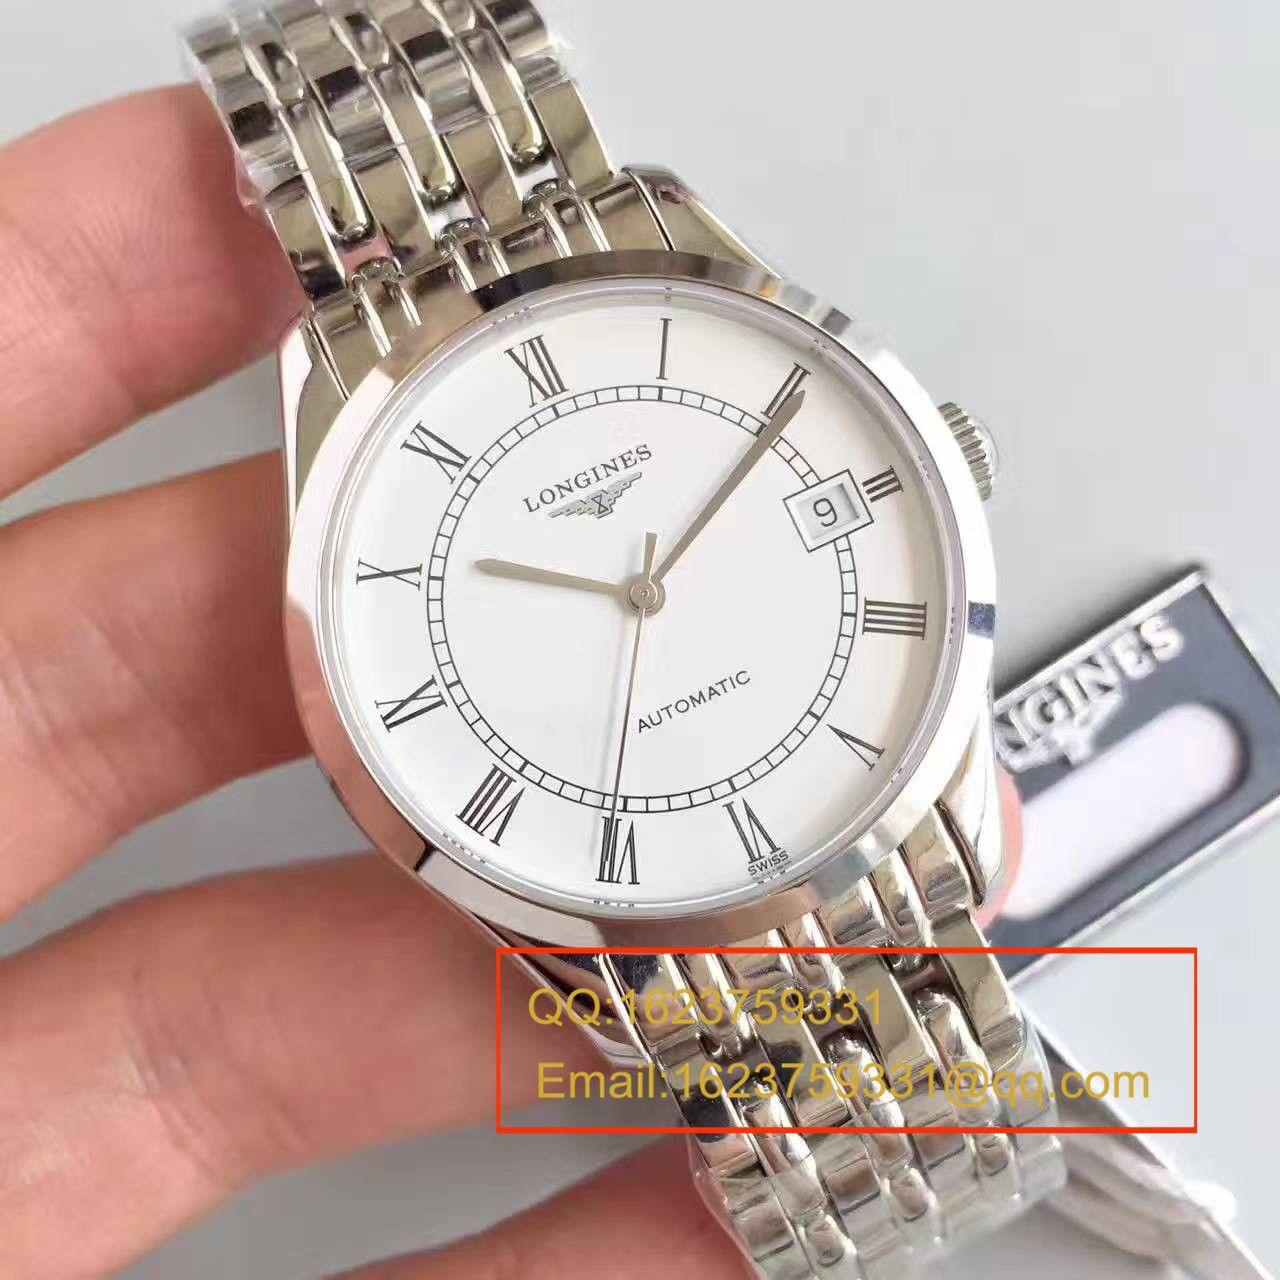 【台湾厂级复刻手表】浪琴雅致系列L4.898.4.11.6腕表 / L070